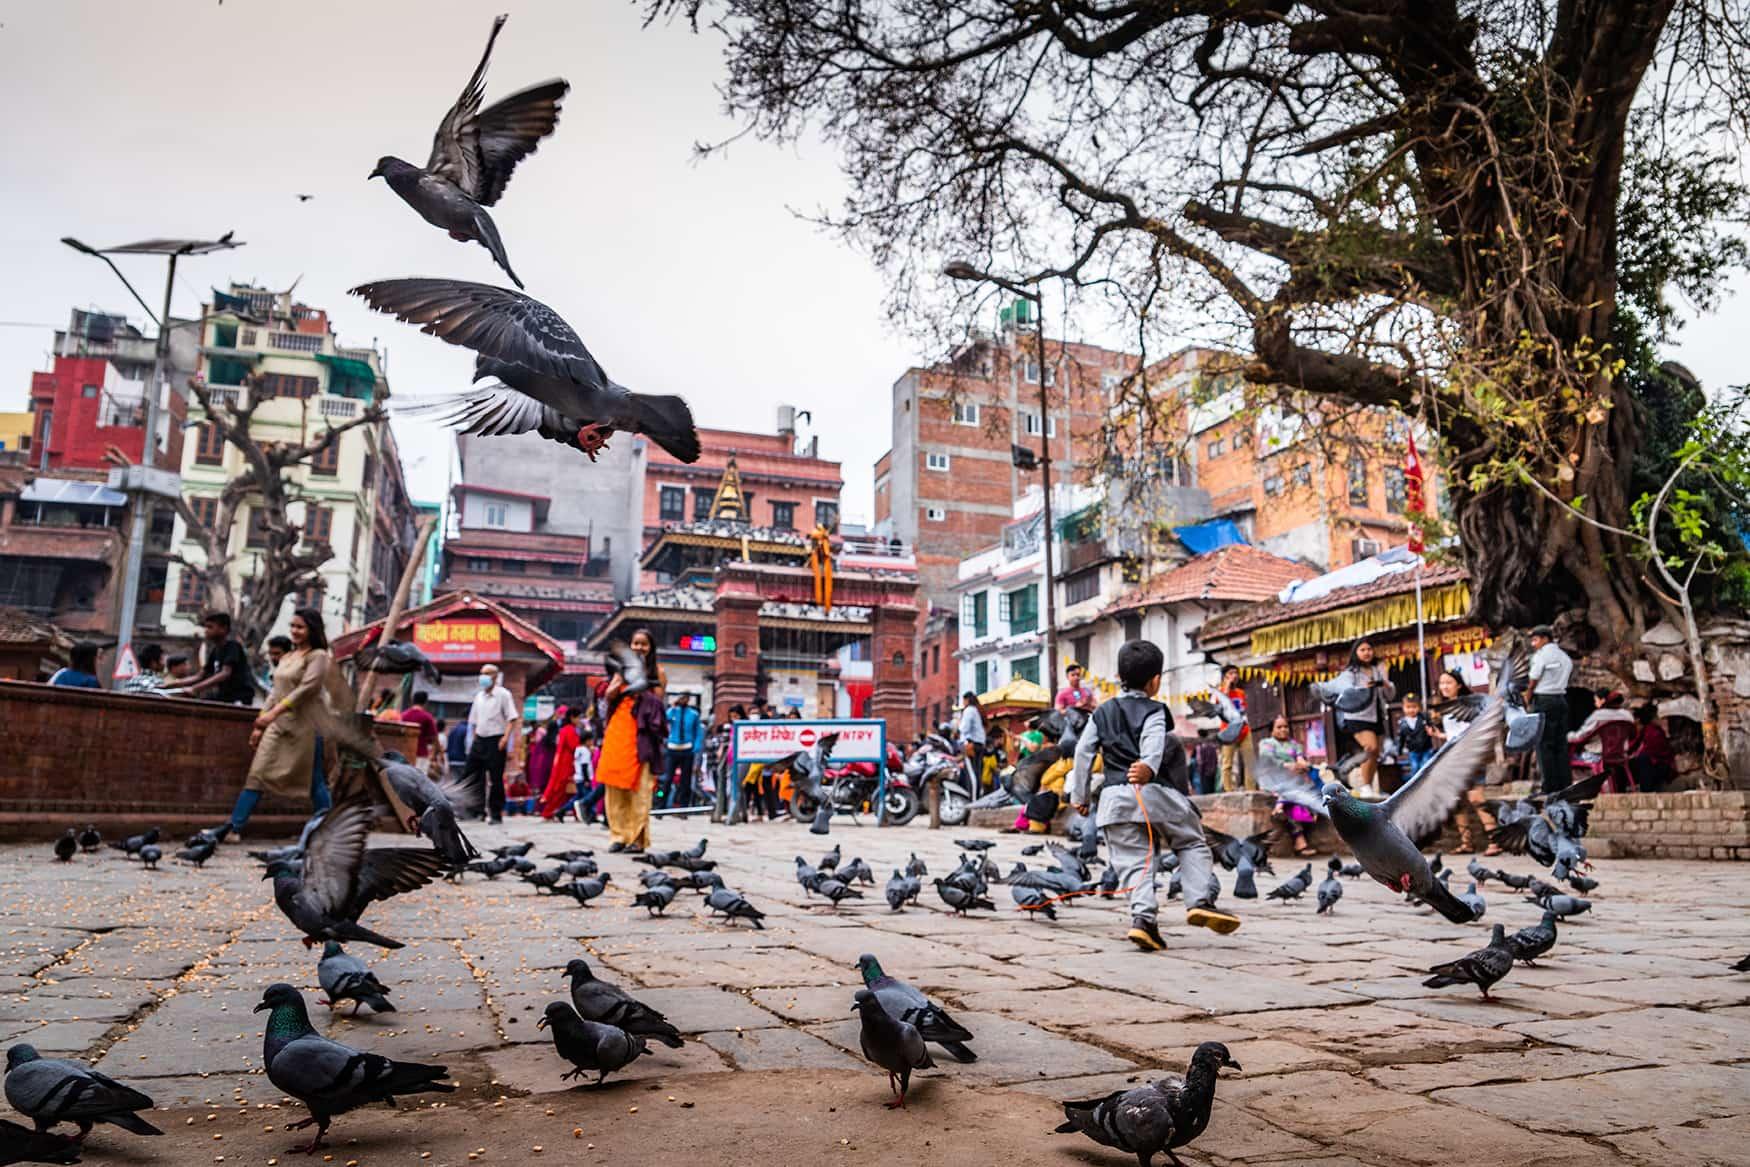 Tauben auf öffentlichem Platz in Kathmandu, Nepal